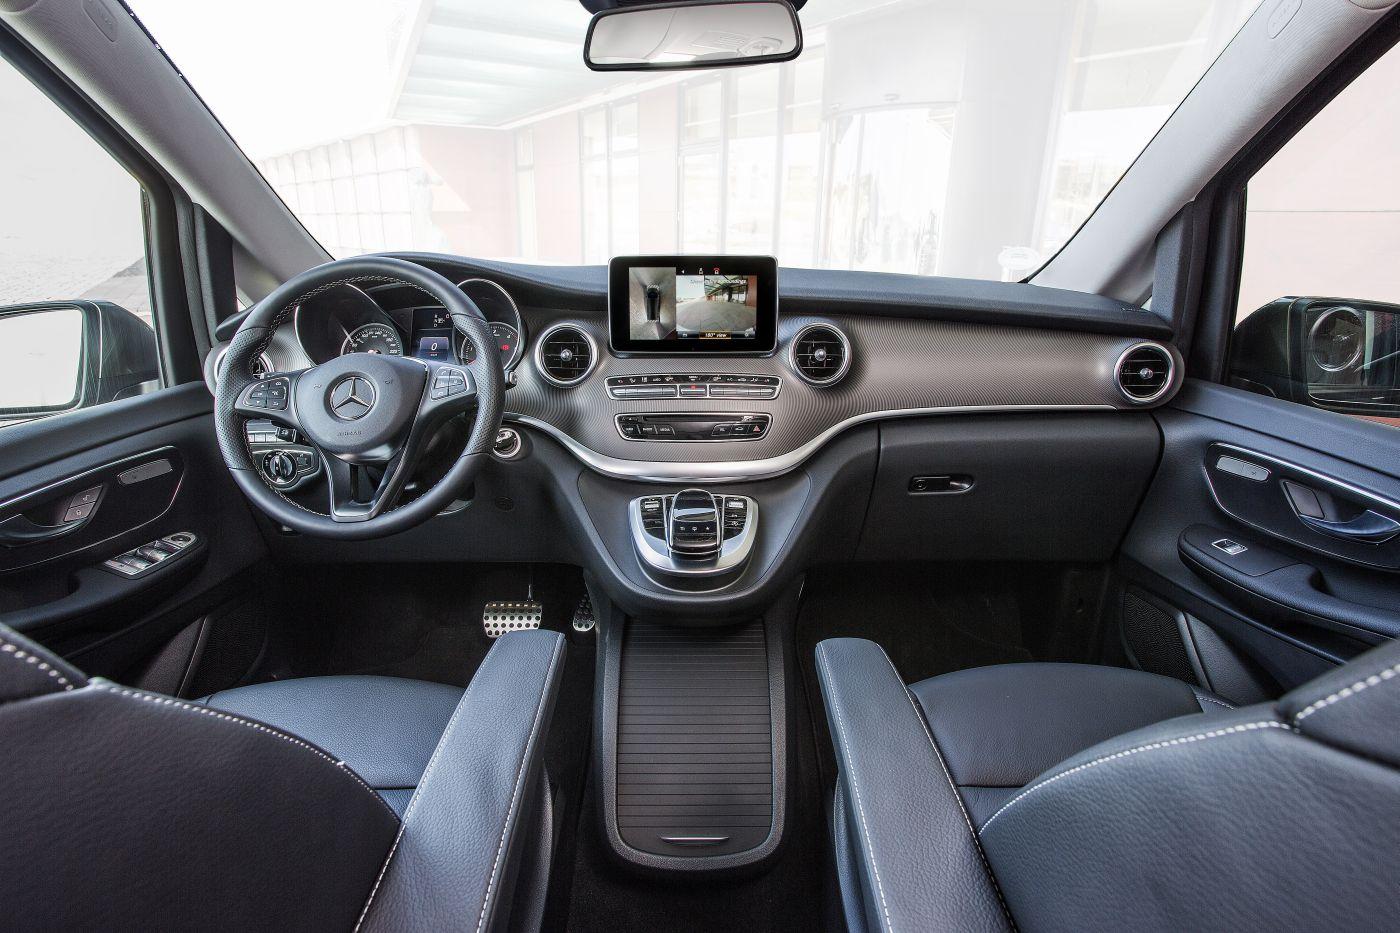 Neue mercedes v klasse testbericht gro raumlimousine for Mercedes classe v interieur